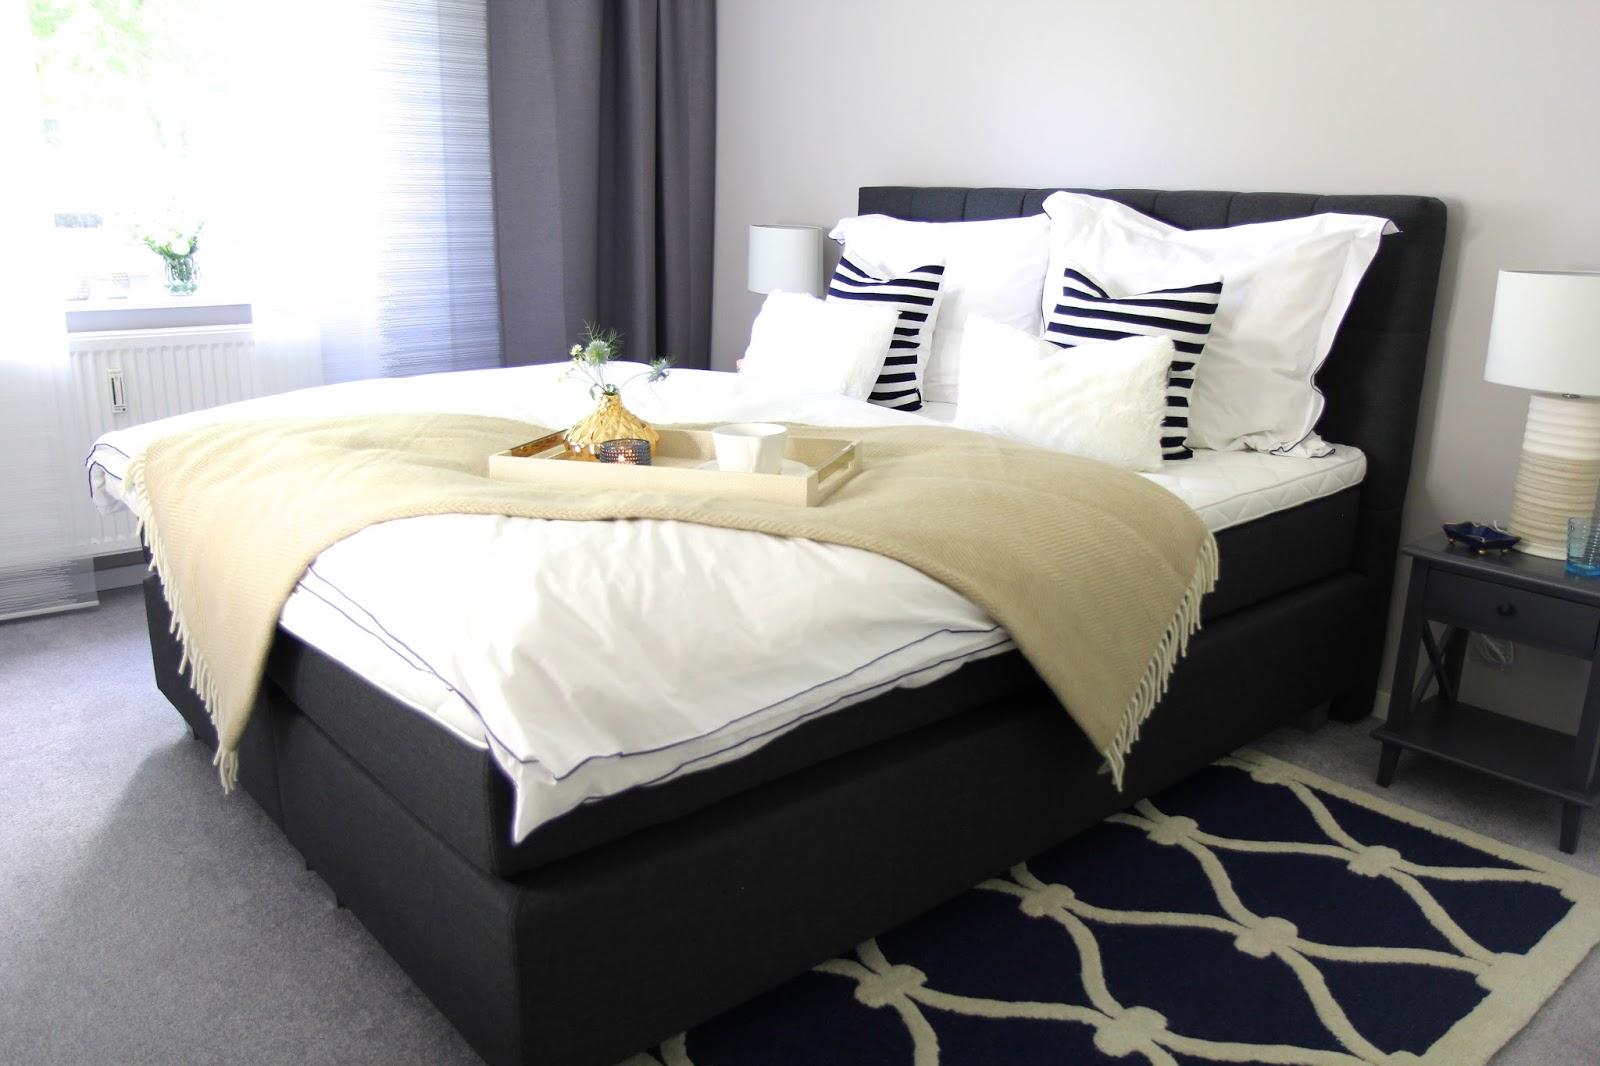 bastian der wohnprinz wohnblogger im videoformat schlafzimmer maritim einrichten so gehts. Black Bedroom Furniture Sets. Home Design Ideas